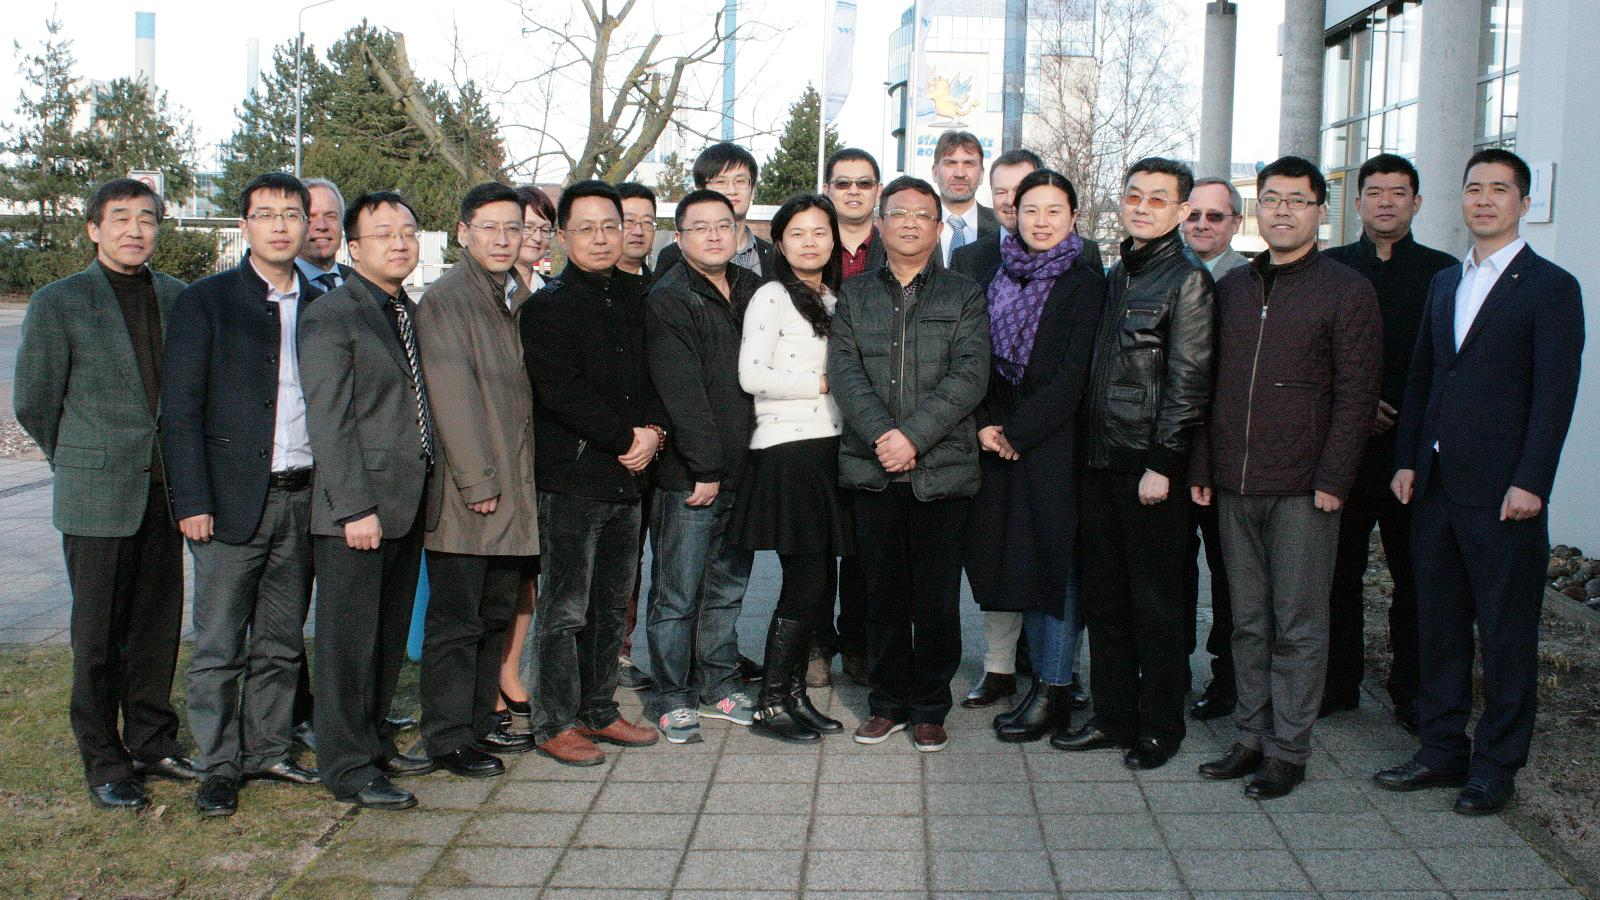 Chinesische Delegation zu Gast